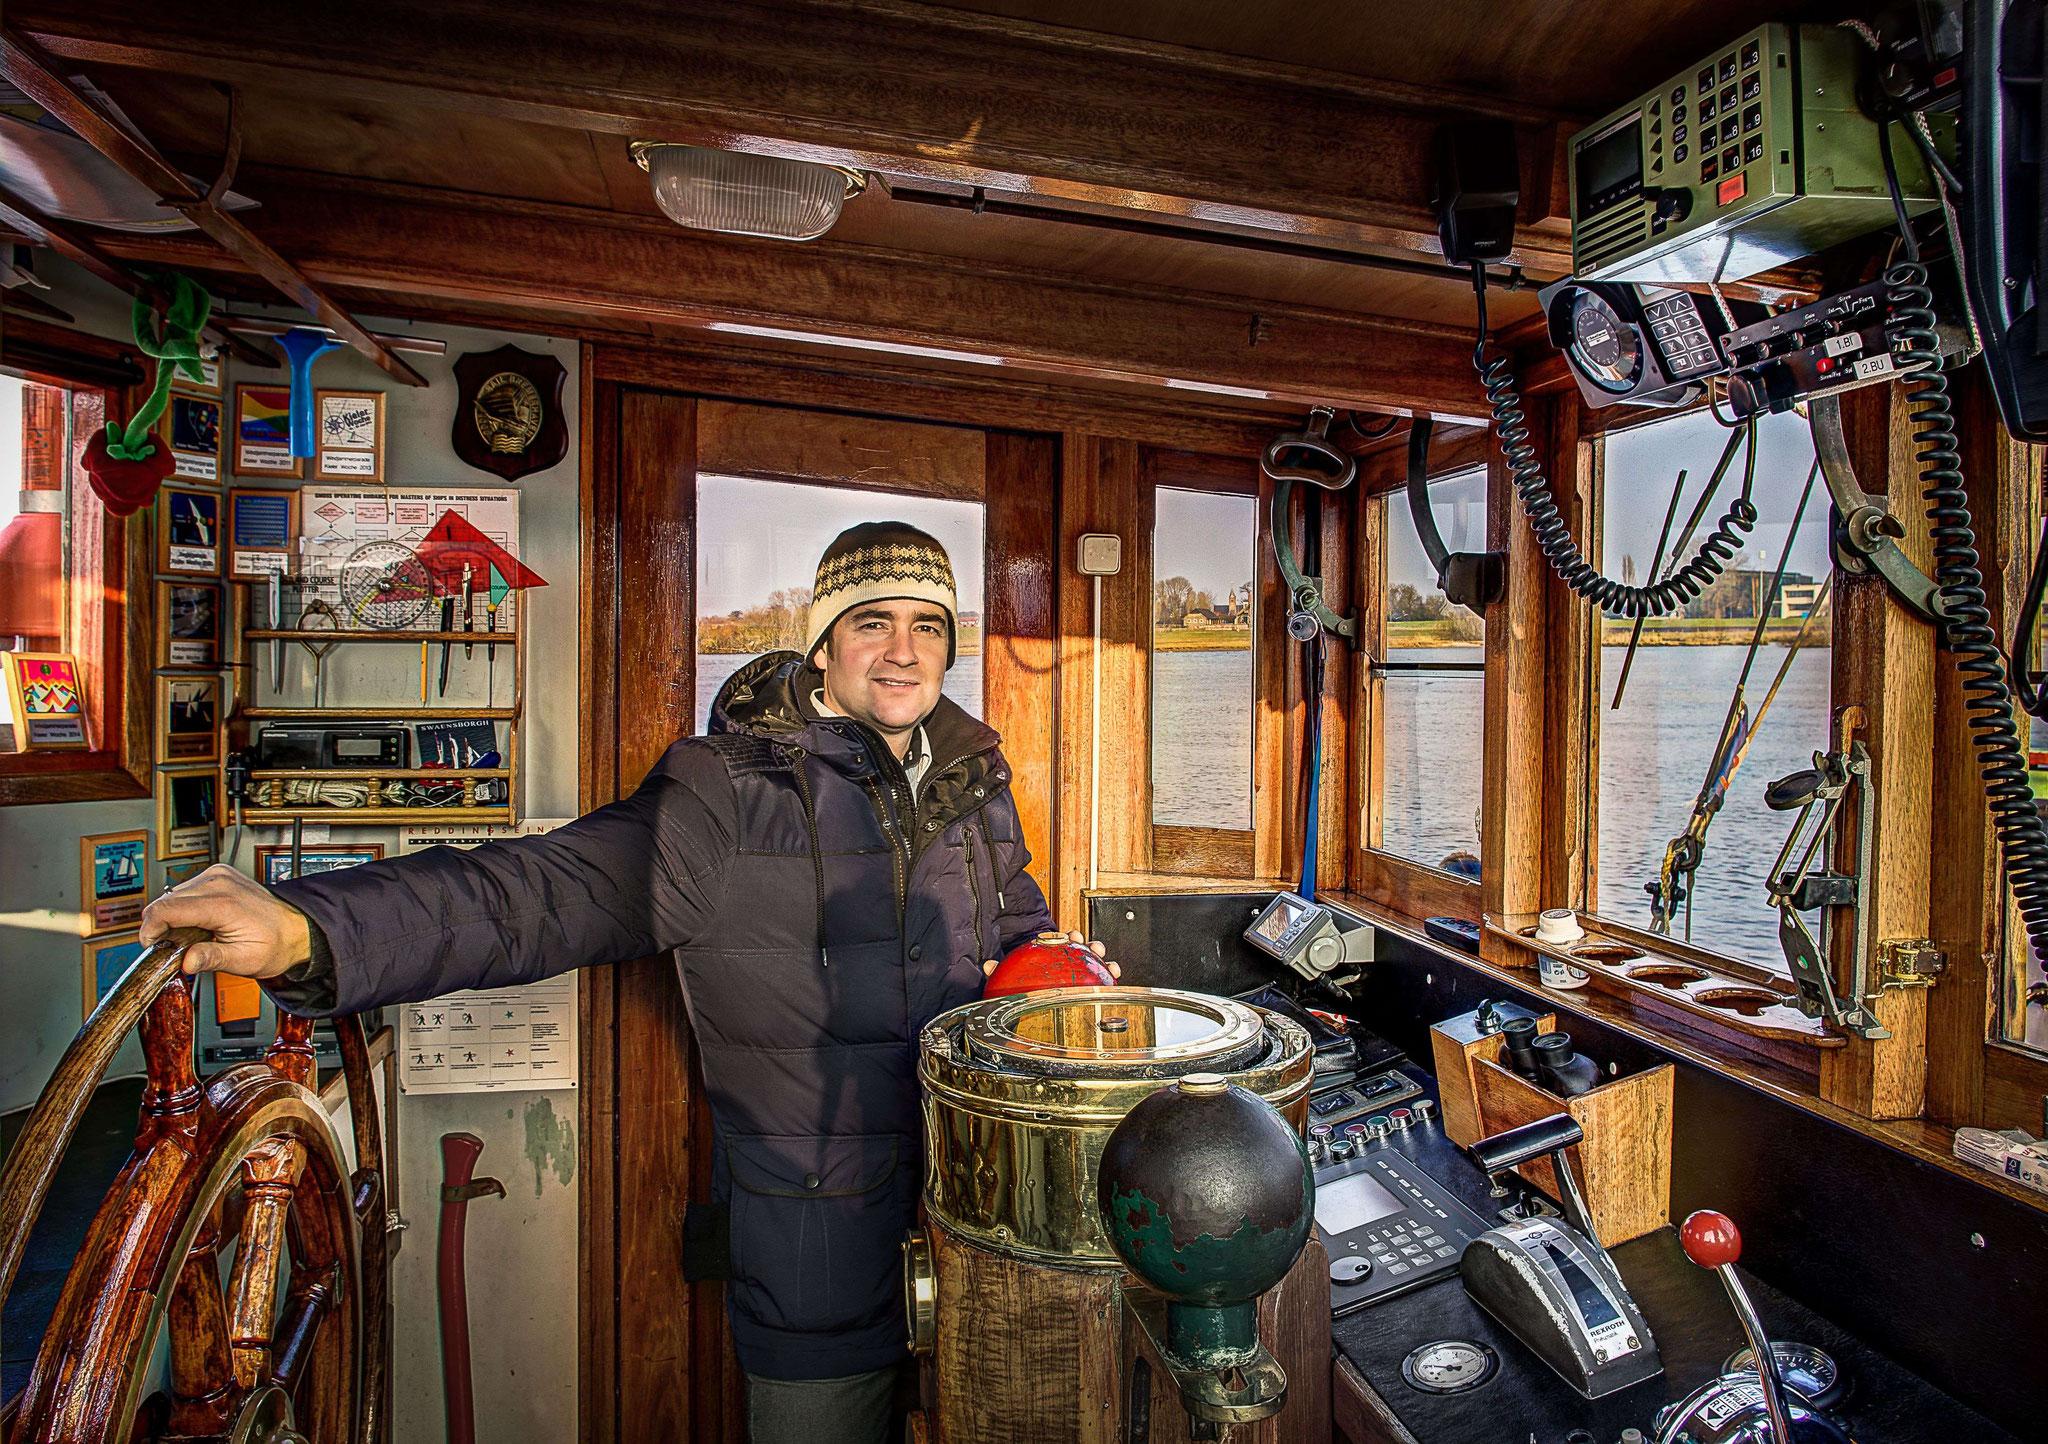 Zeilschip Swaensborgh